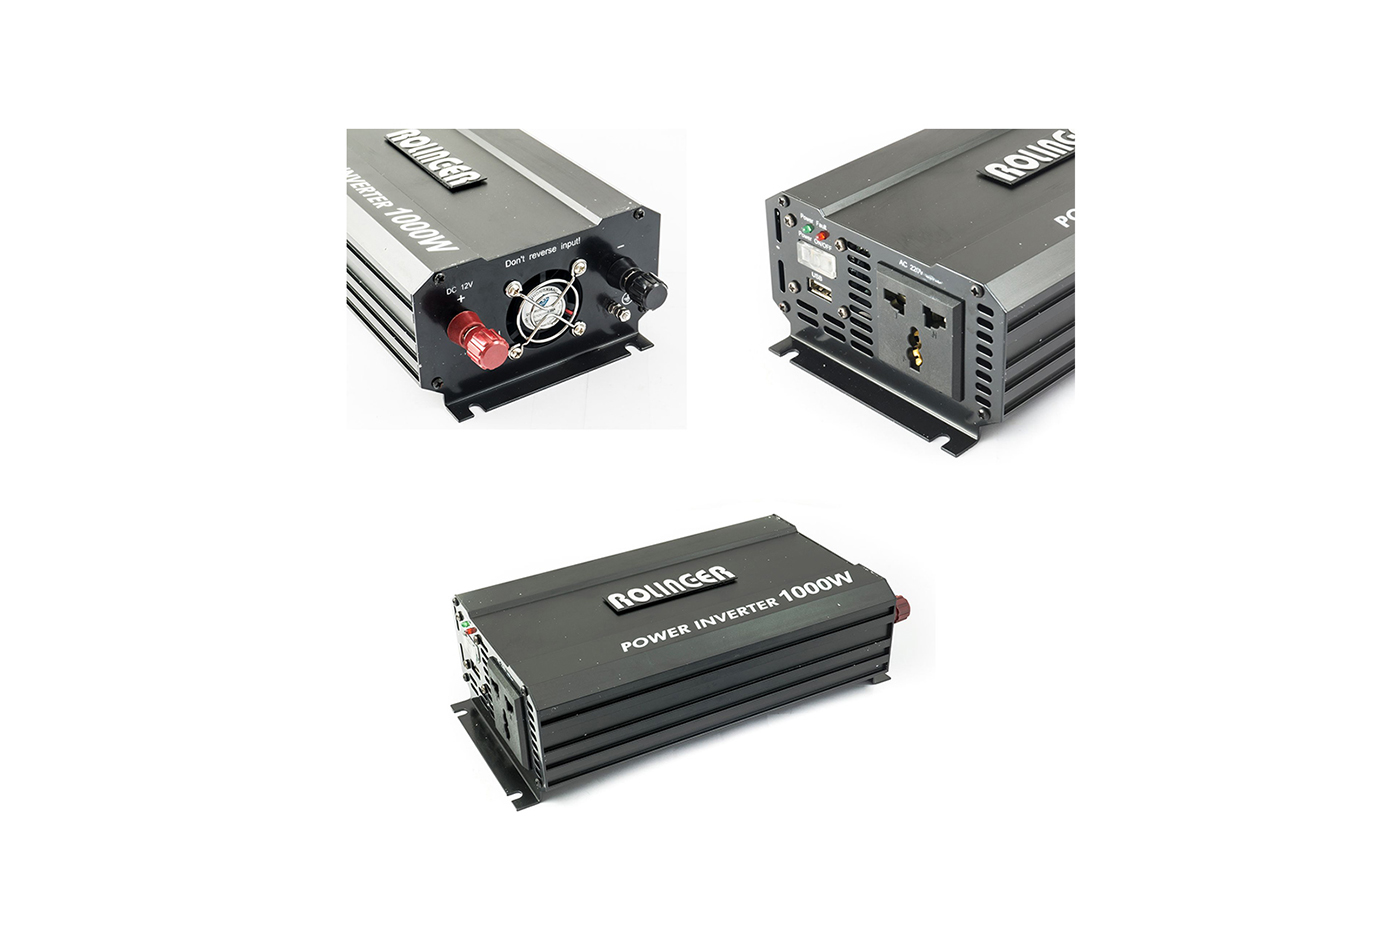 Plafoniere Con Inverter : Bes 23266 strumenti da meccanico beselettronica inverter 1000w